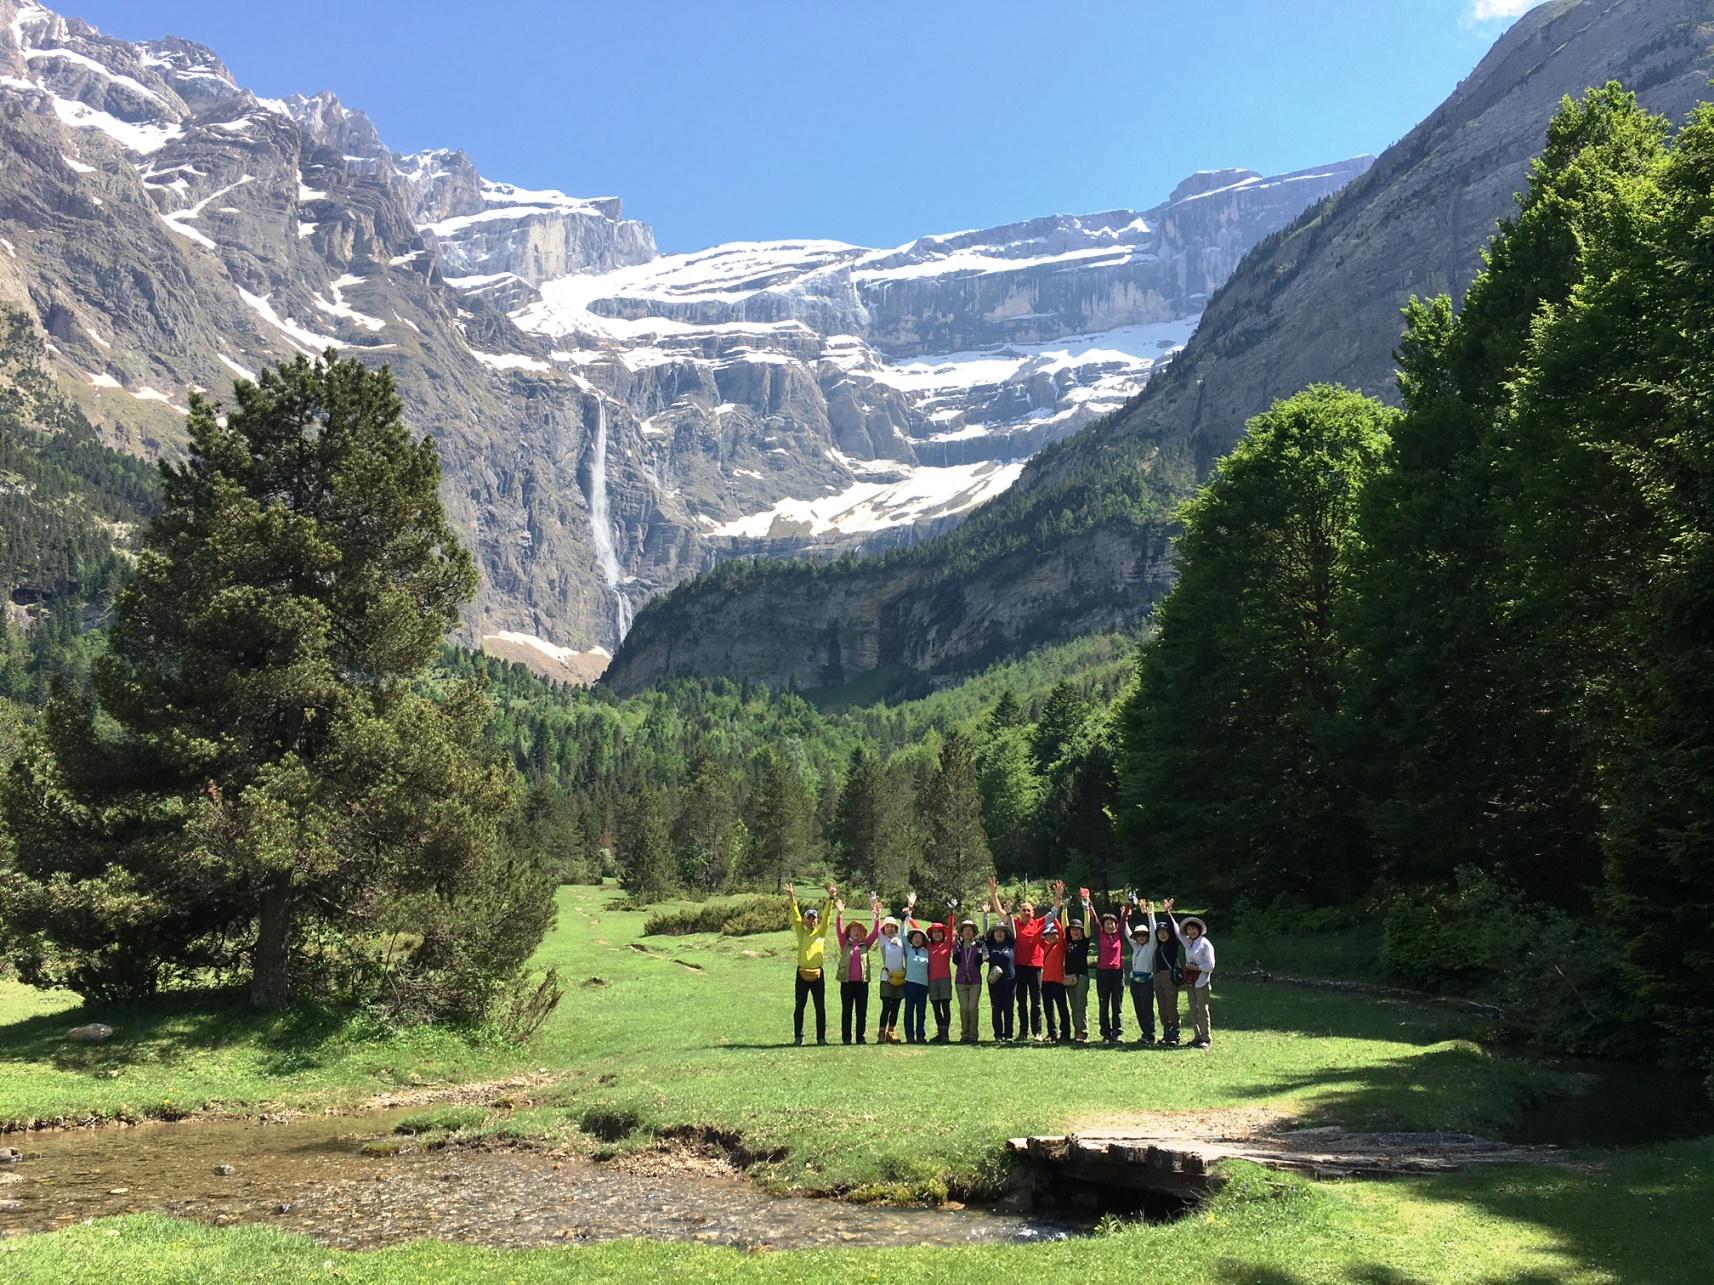 5月30日出発「花の宝庫ピレネー山脈ハイキングと聖山モンセラット 10日間」